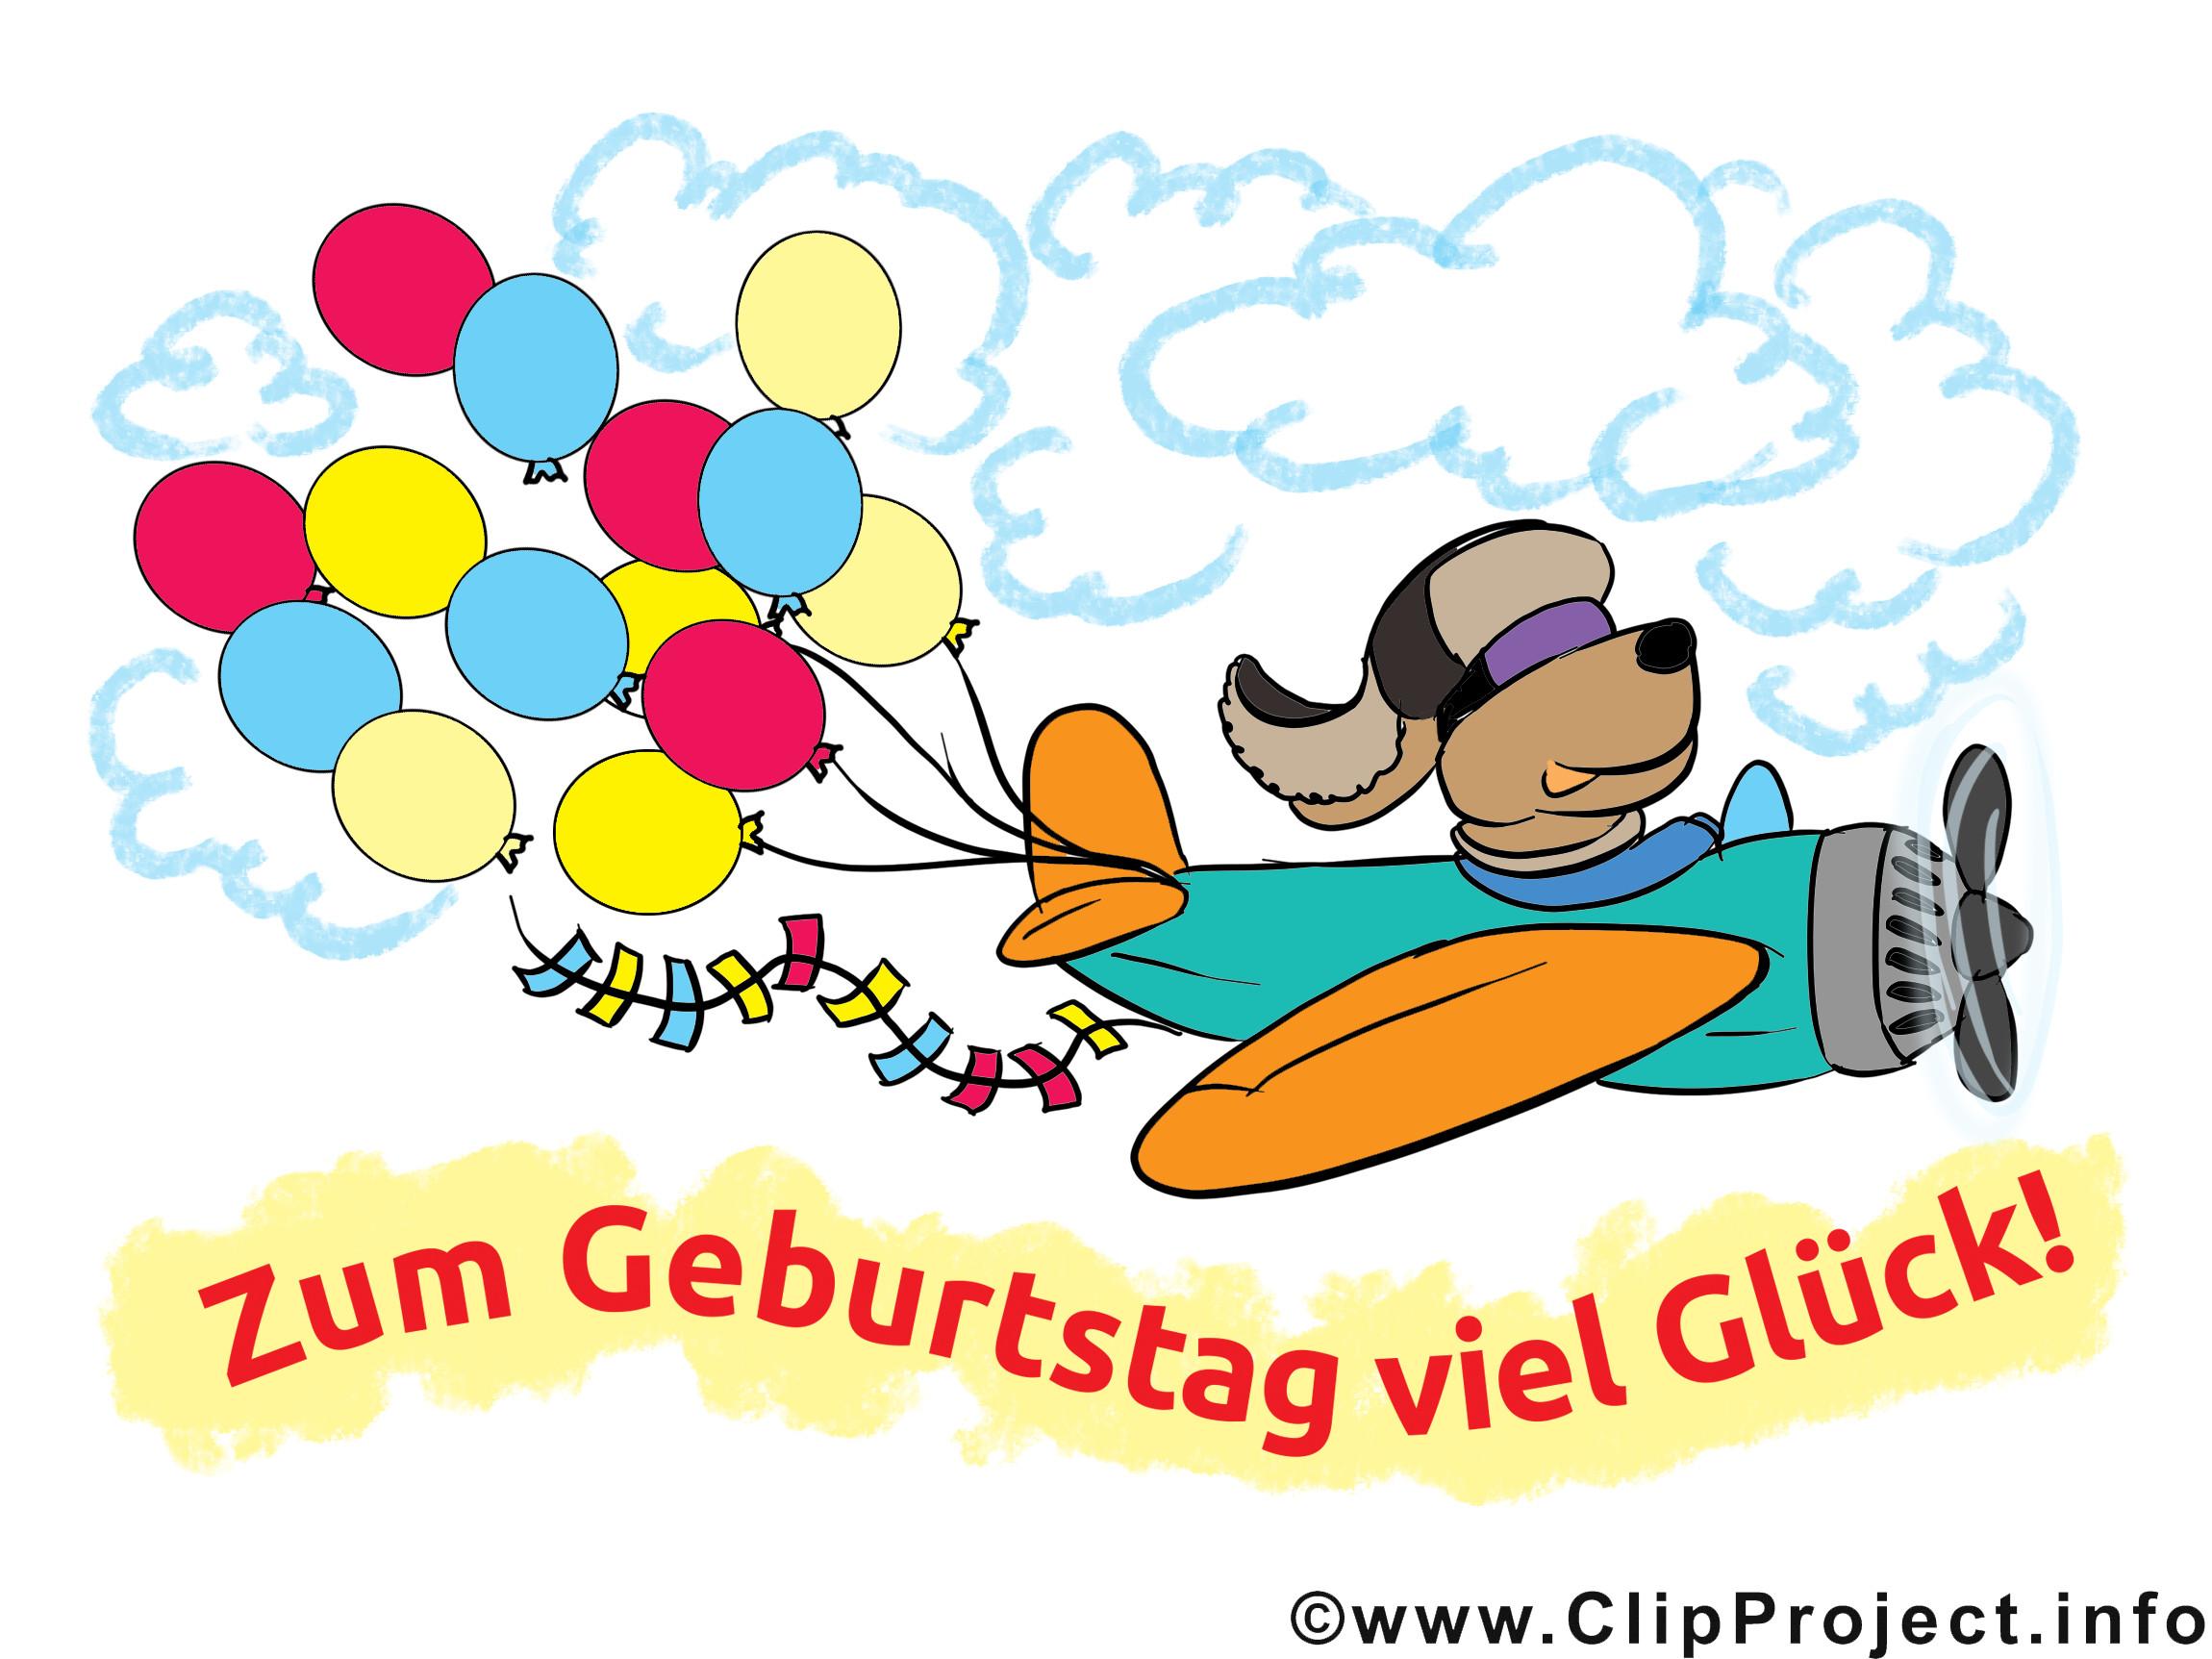 Geburtstagswünsche Schwiegermutter  Lustige Geburtstagswünsche als Cliparts Karten Bilder